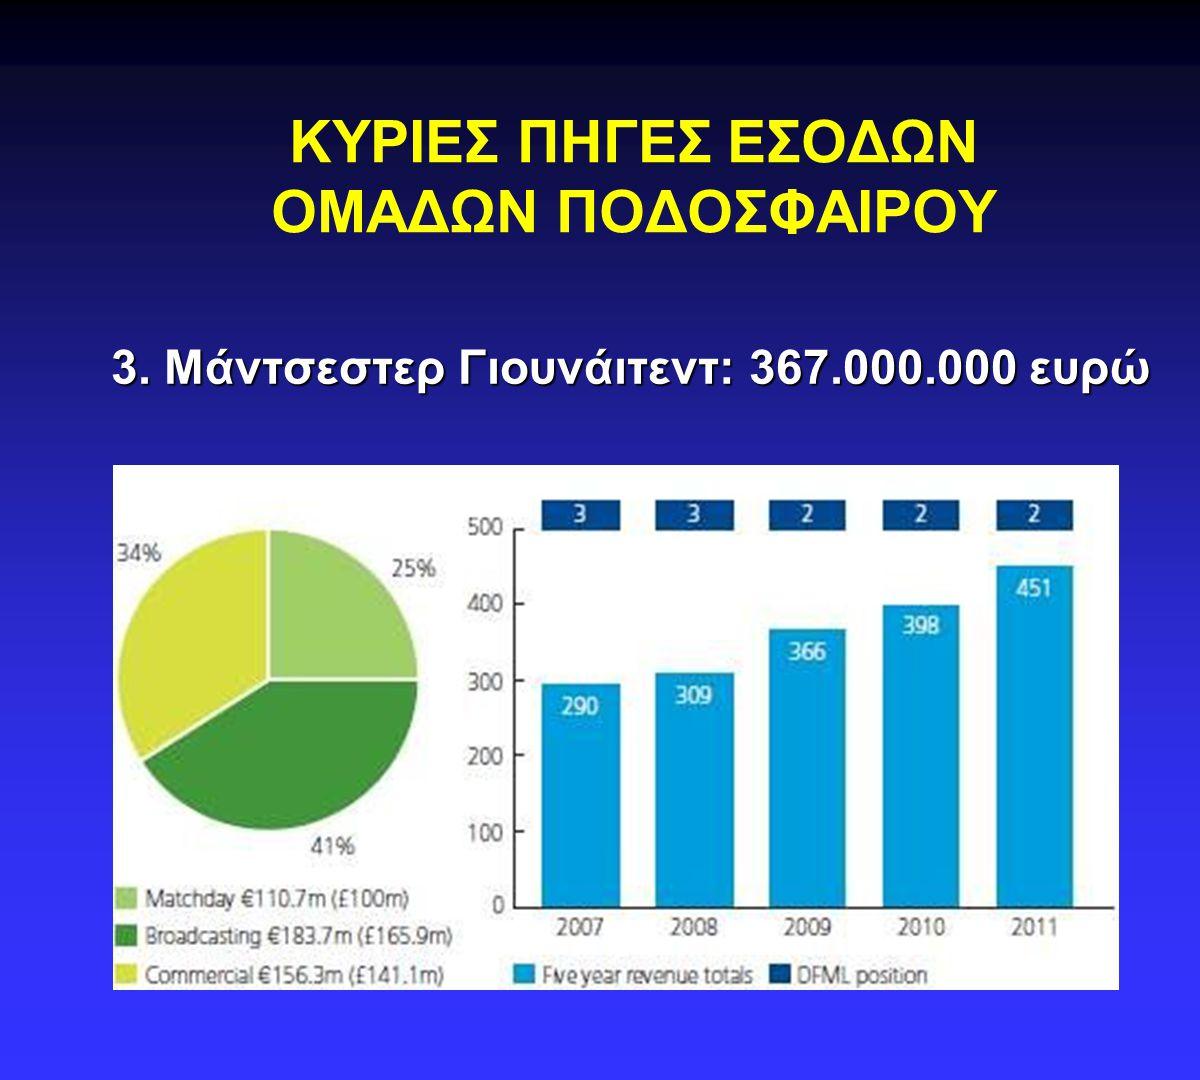 ΚΥΡΙΕΣ ΠΗΓΕΣ ΕΣΟΔΩΝ ΟΜΑΔΩΝ ΠΟΔΟΣΦΑΙΡΟΥ 4. Μπάγερν Μονάχου: 321.400.000 ευρώ